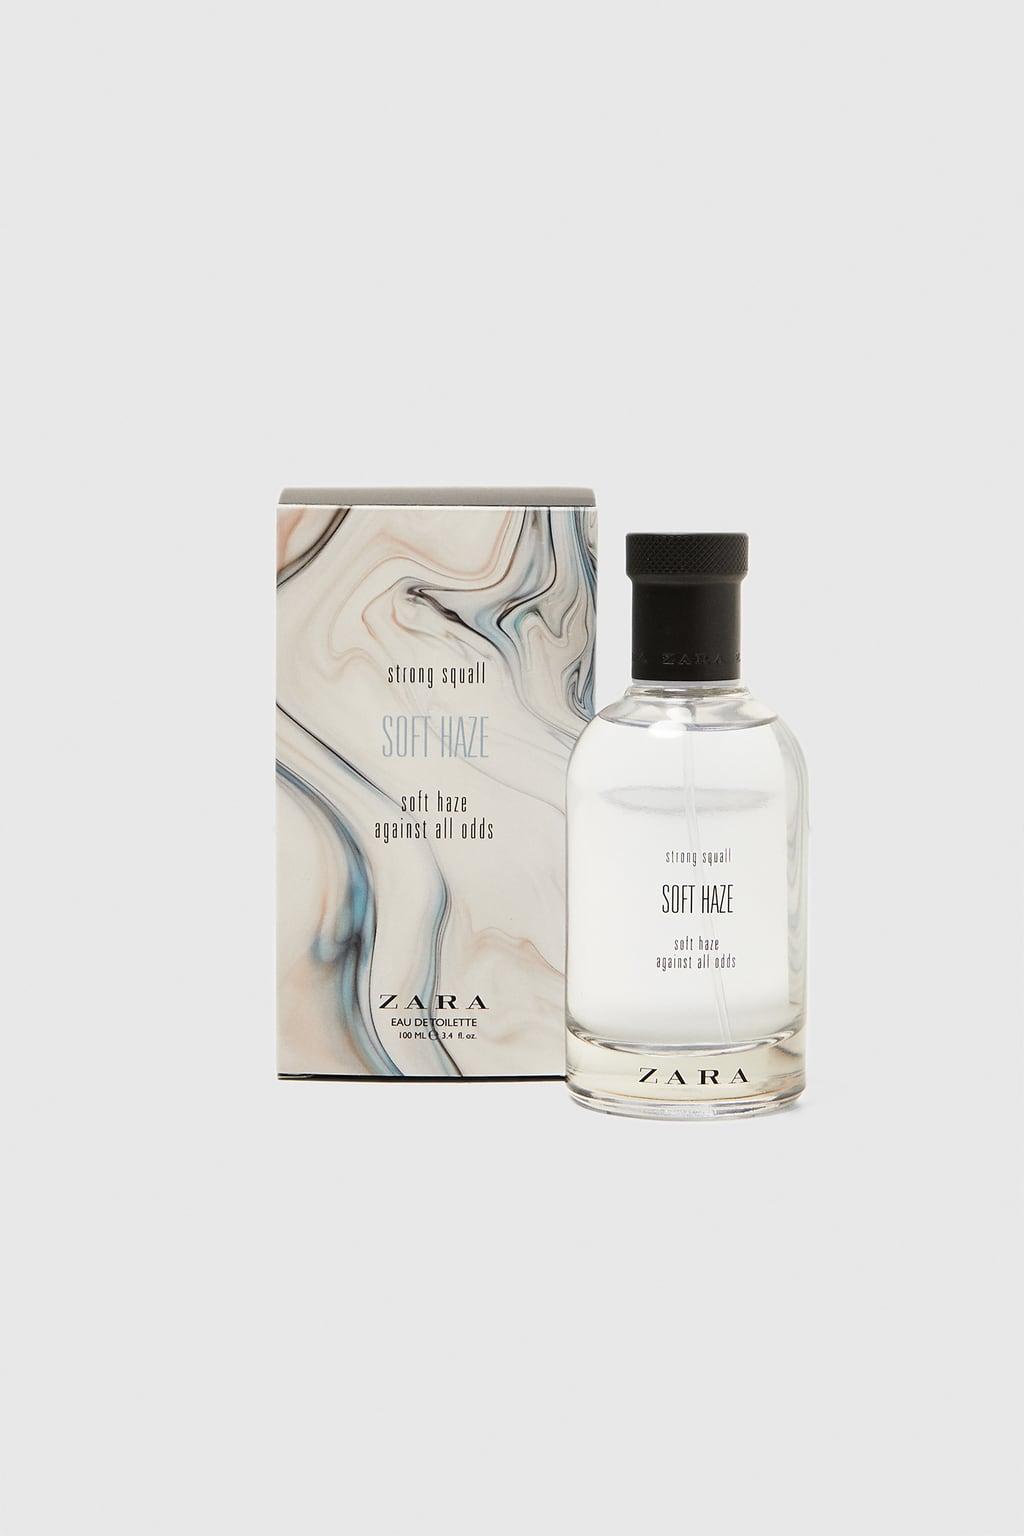 Un Parfum Nouveau 2018 Soft Cologne Zara Homme Haze Pour yYfgmb7I6v